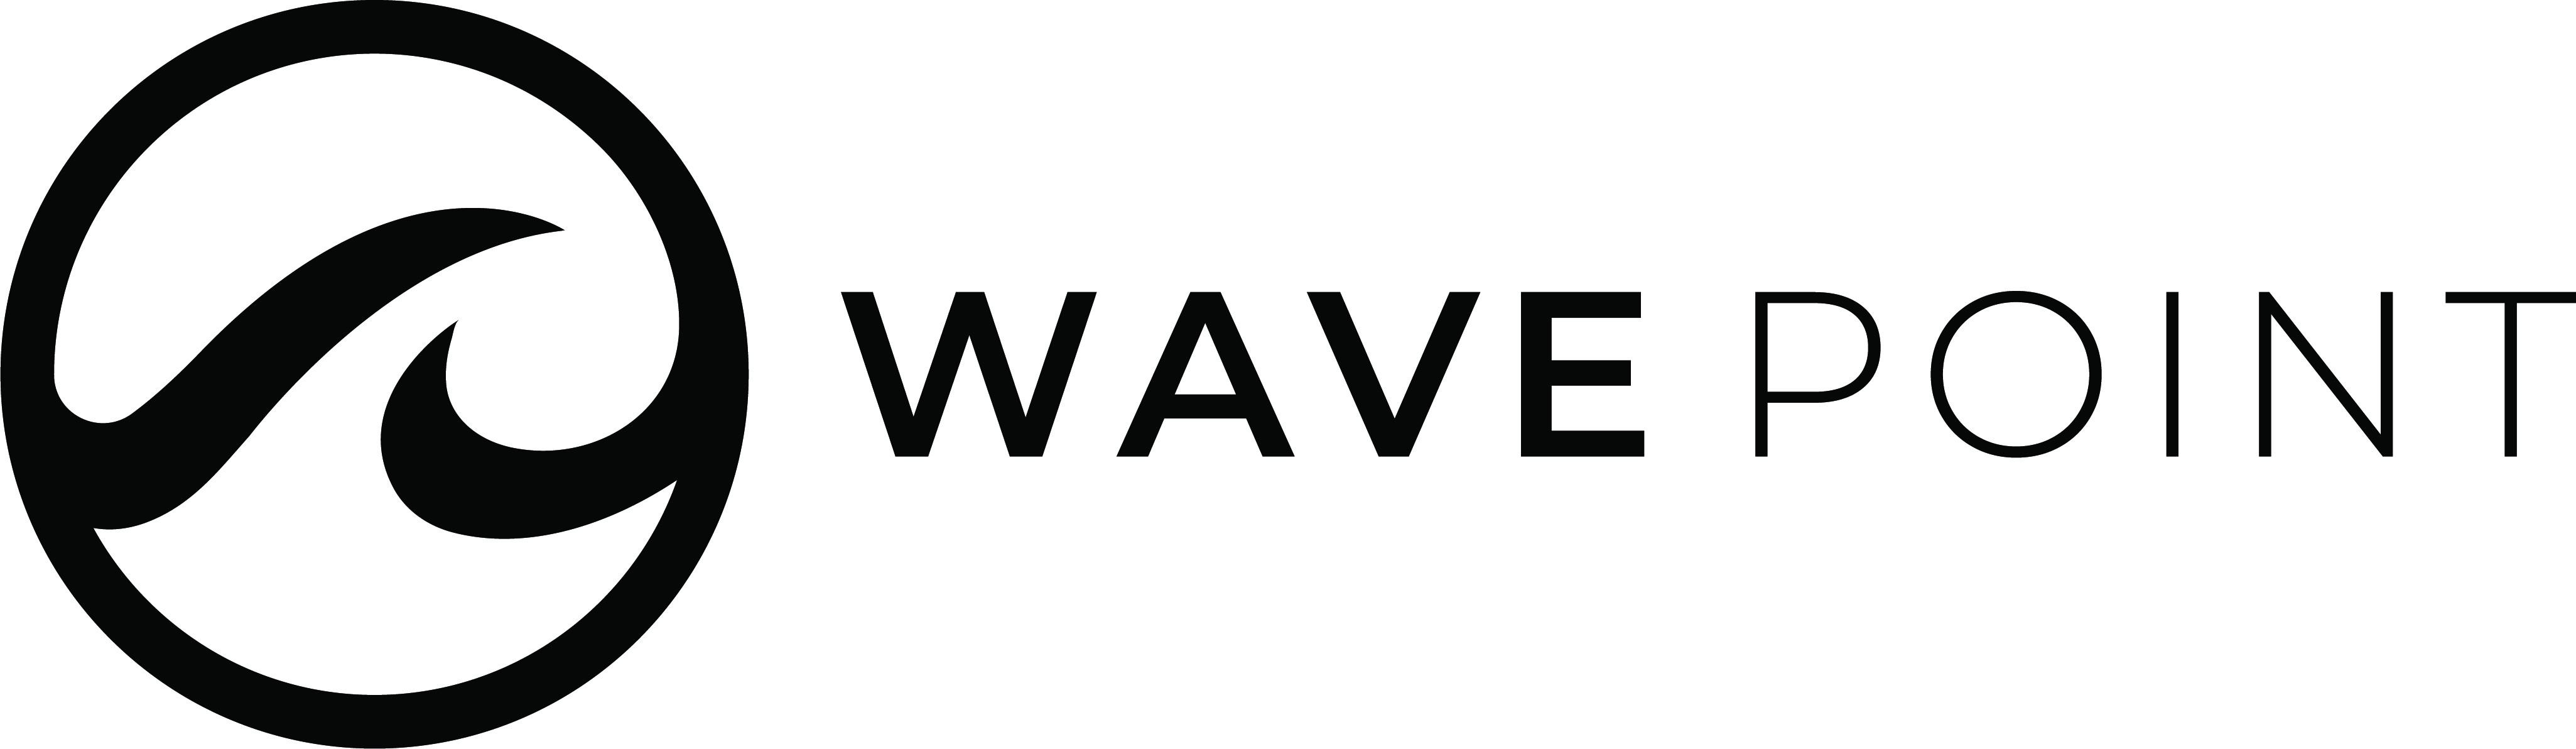 Design a wave graphic logo for a house / EDM DJ